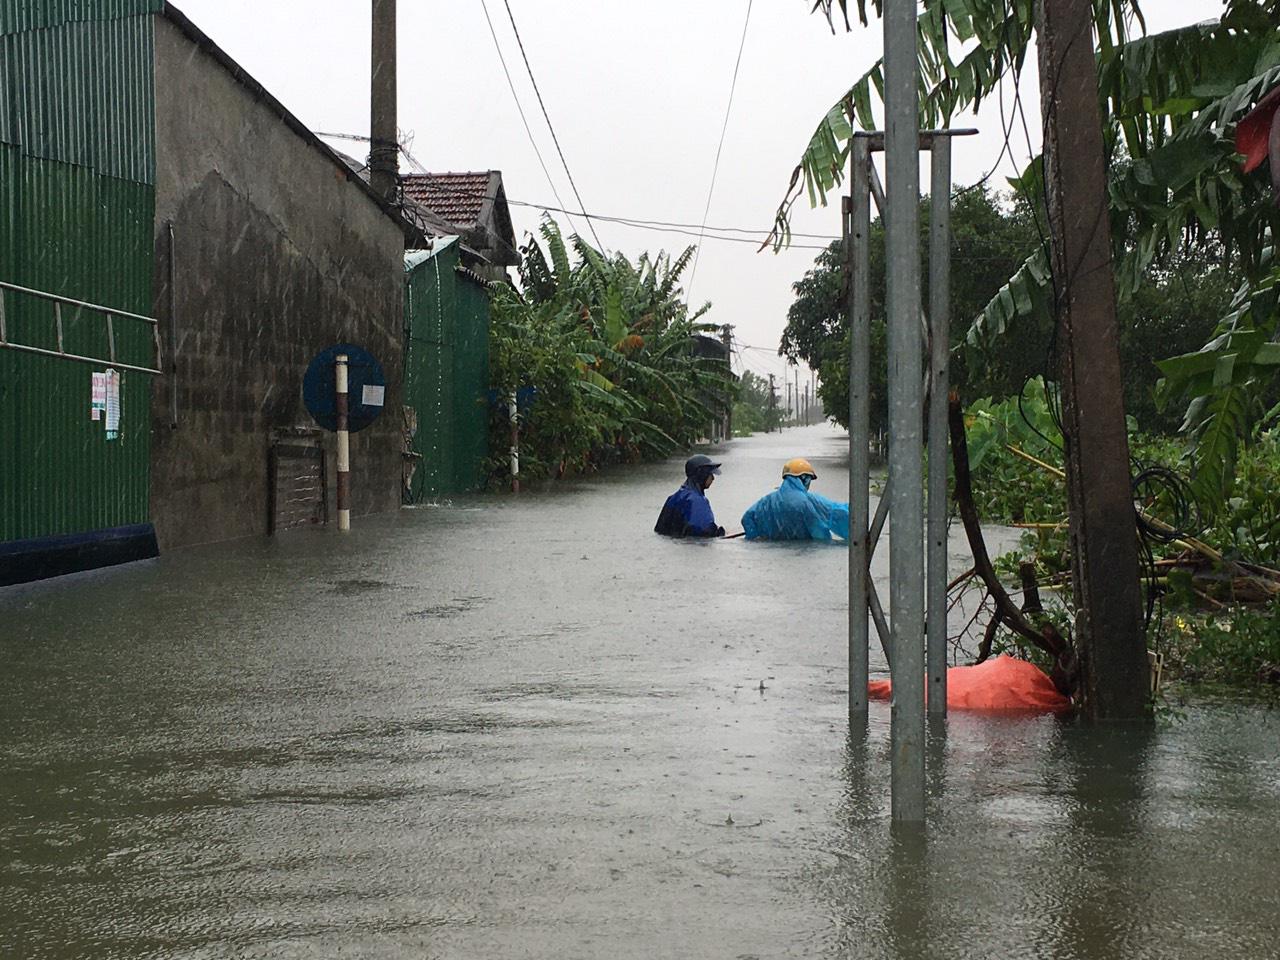 Hà Tĩnh: Nước dâng cao kỷ lục, người dân oằn mình trong lũ - Ảnh 1.